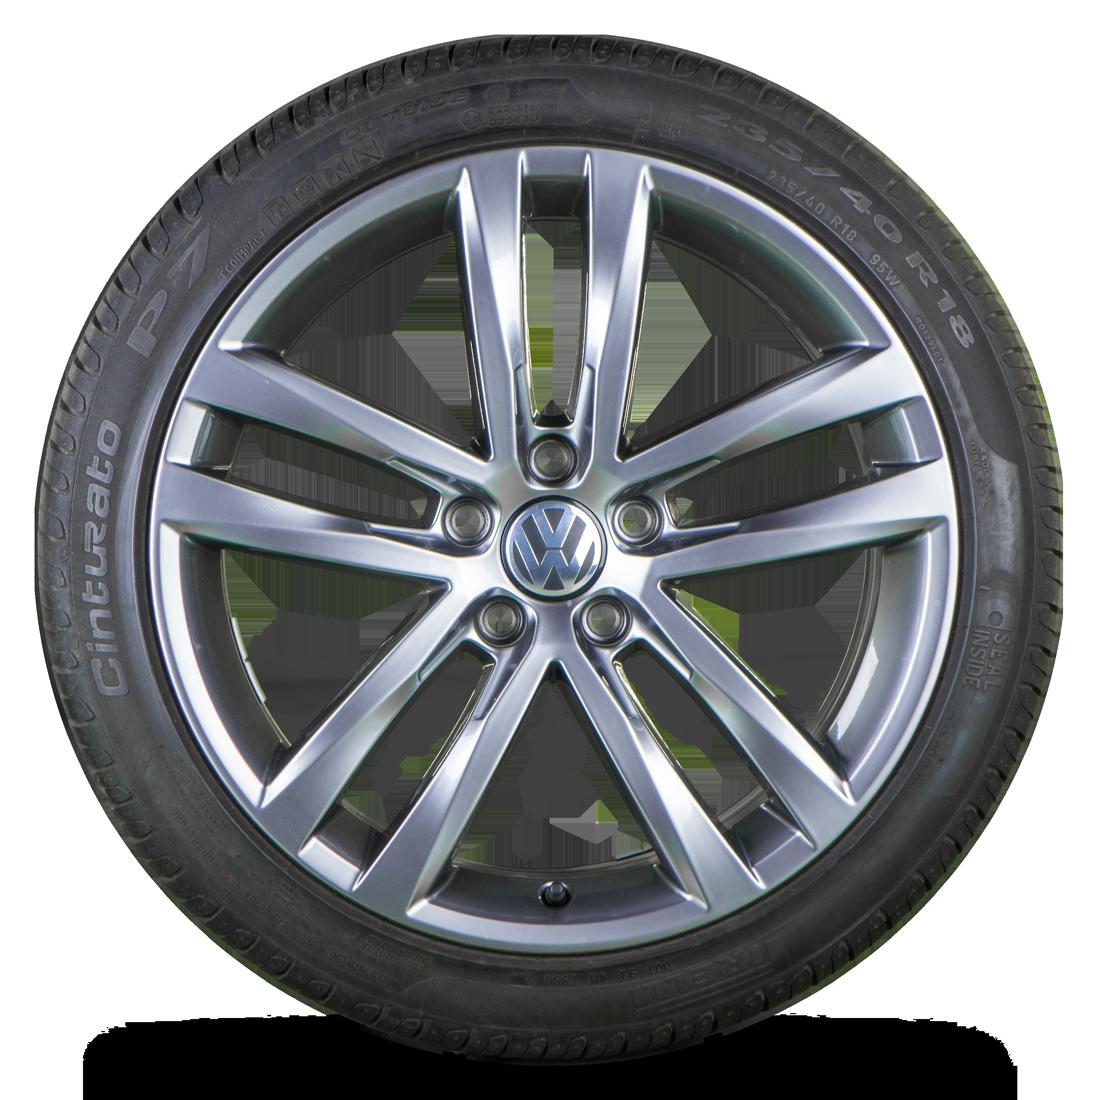 VW 18 Zoll Felgen Passat CC Scirocco EOS Alufelgen Sommerreifen Salvador